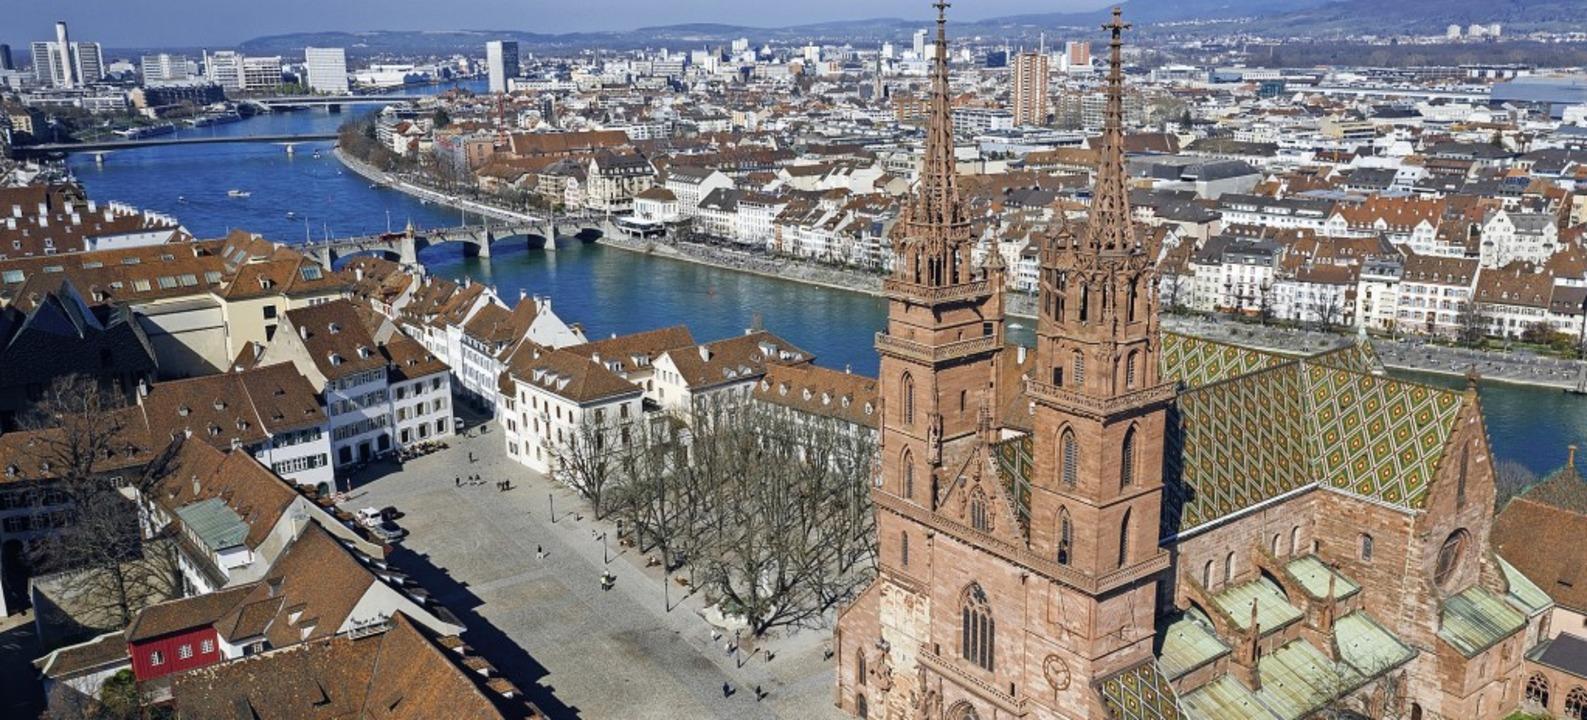 In exponierter Lage über dem Rhein: das 1000 Jahre alte Basler Münster  | Foto: Oliver Hochstrasser